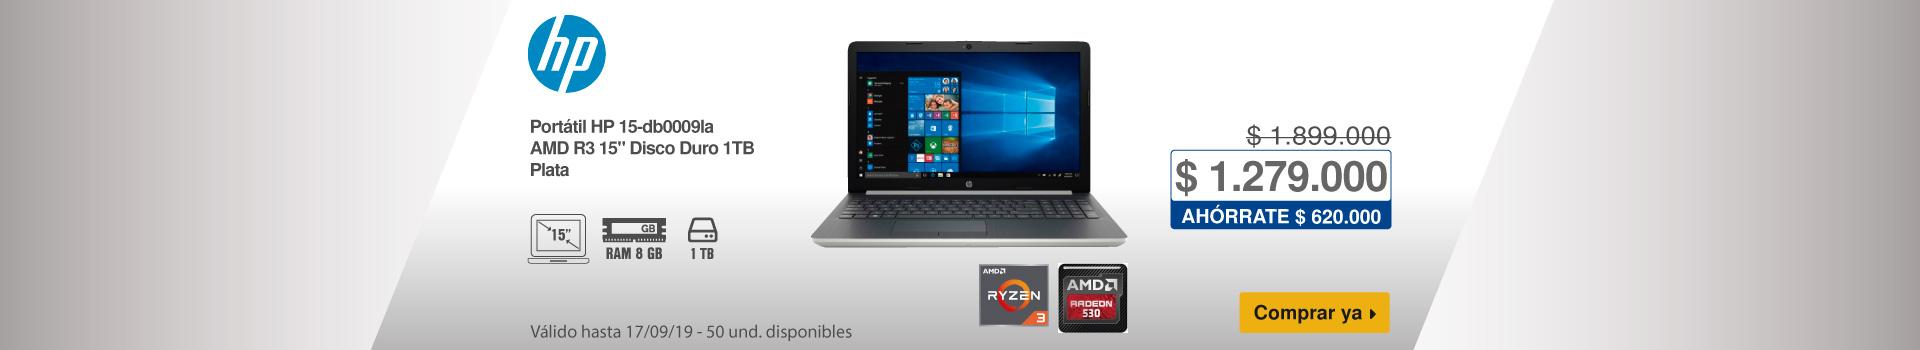 AK-KT-HP-port-15-db0009la-R3-PlCATCOM1-Computadoresytablets14_septiembre